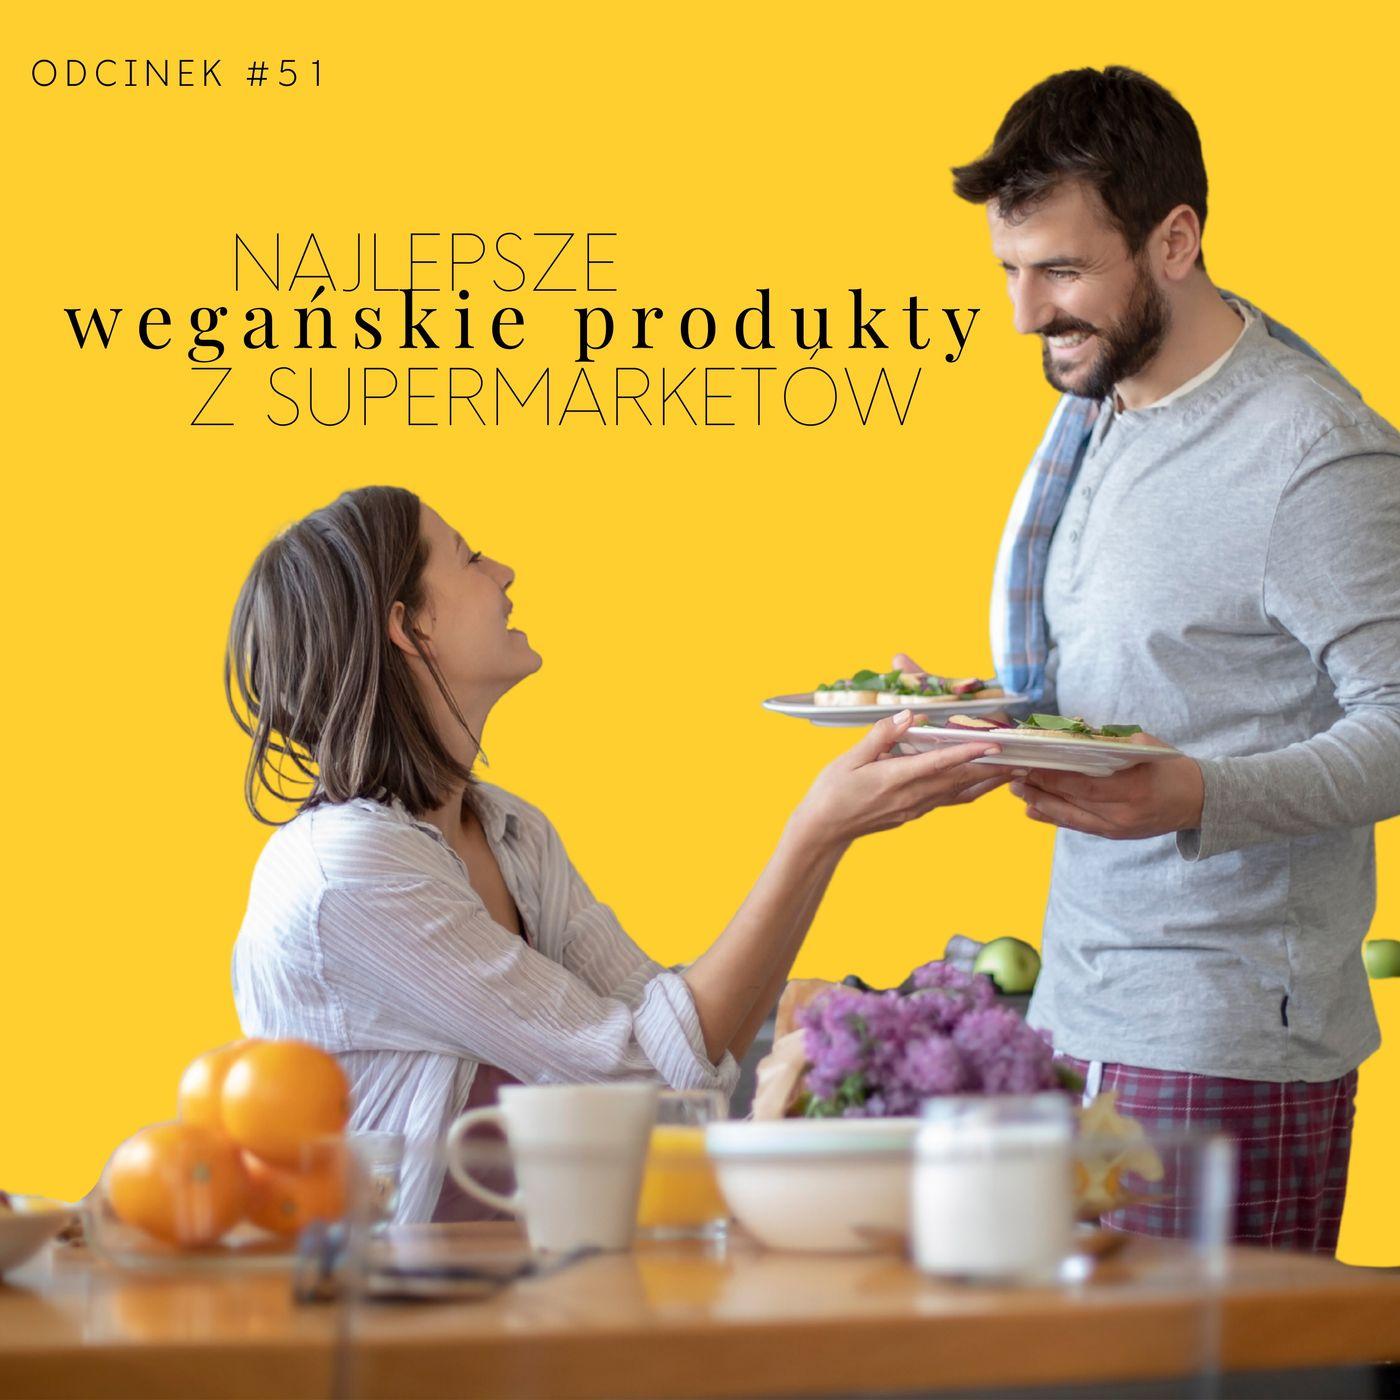 #51 Najlepsze wegańskie produkty z supermarketów